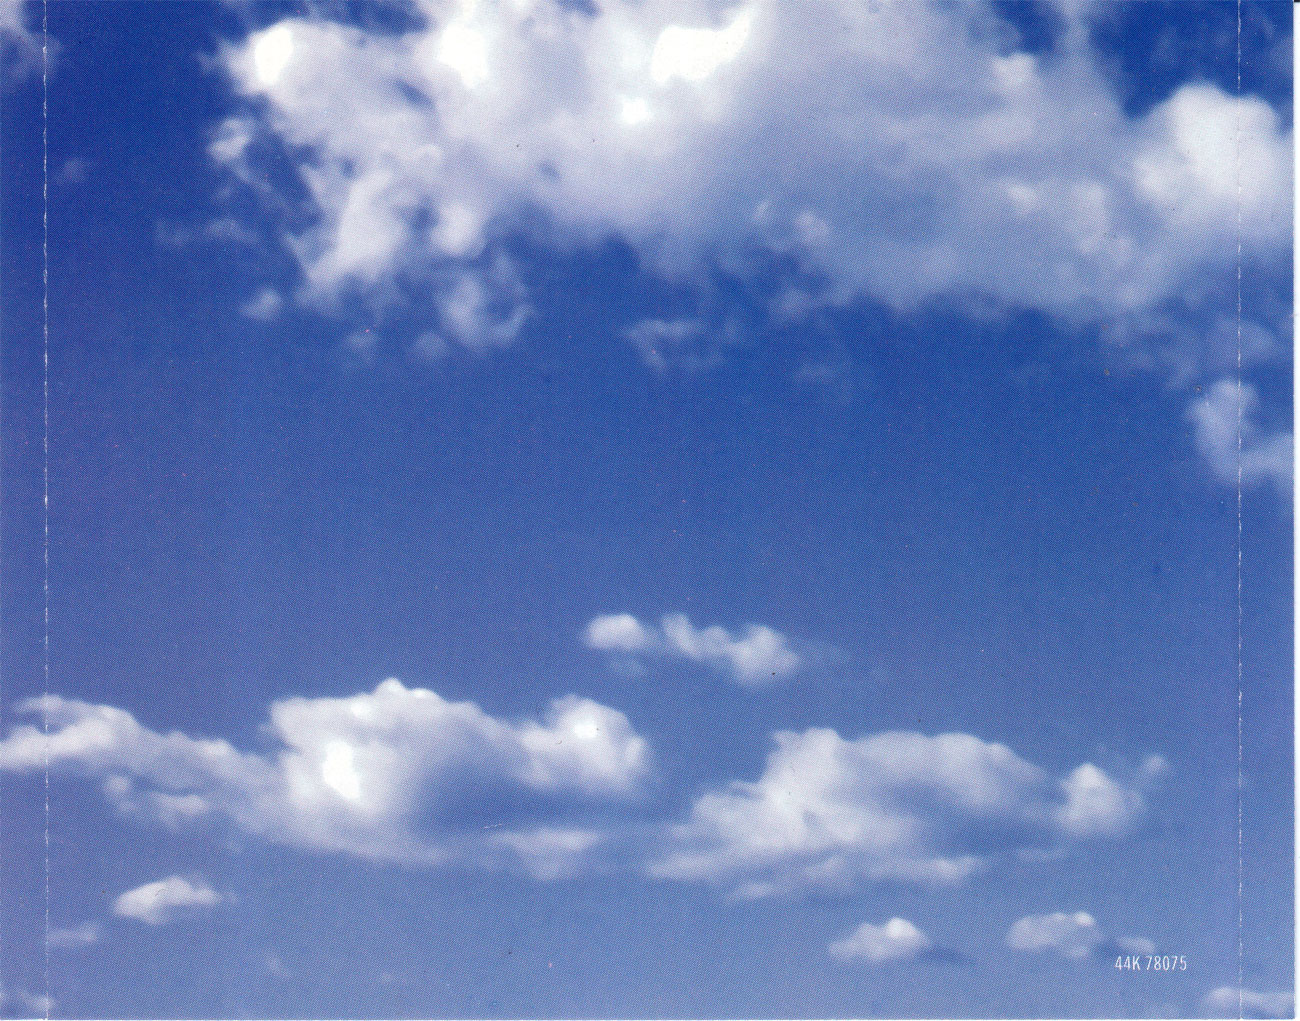 http://1.bp.blogspot.com/_JpUTfTcW8hA/TADu4zk_qfI/AAAAAAAABOk/HpBfbiMirS4/s1600/BackInlay.JPG